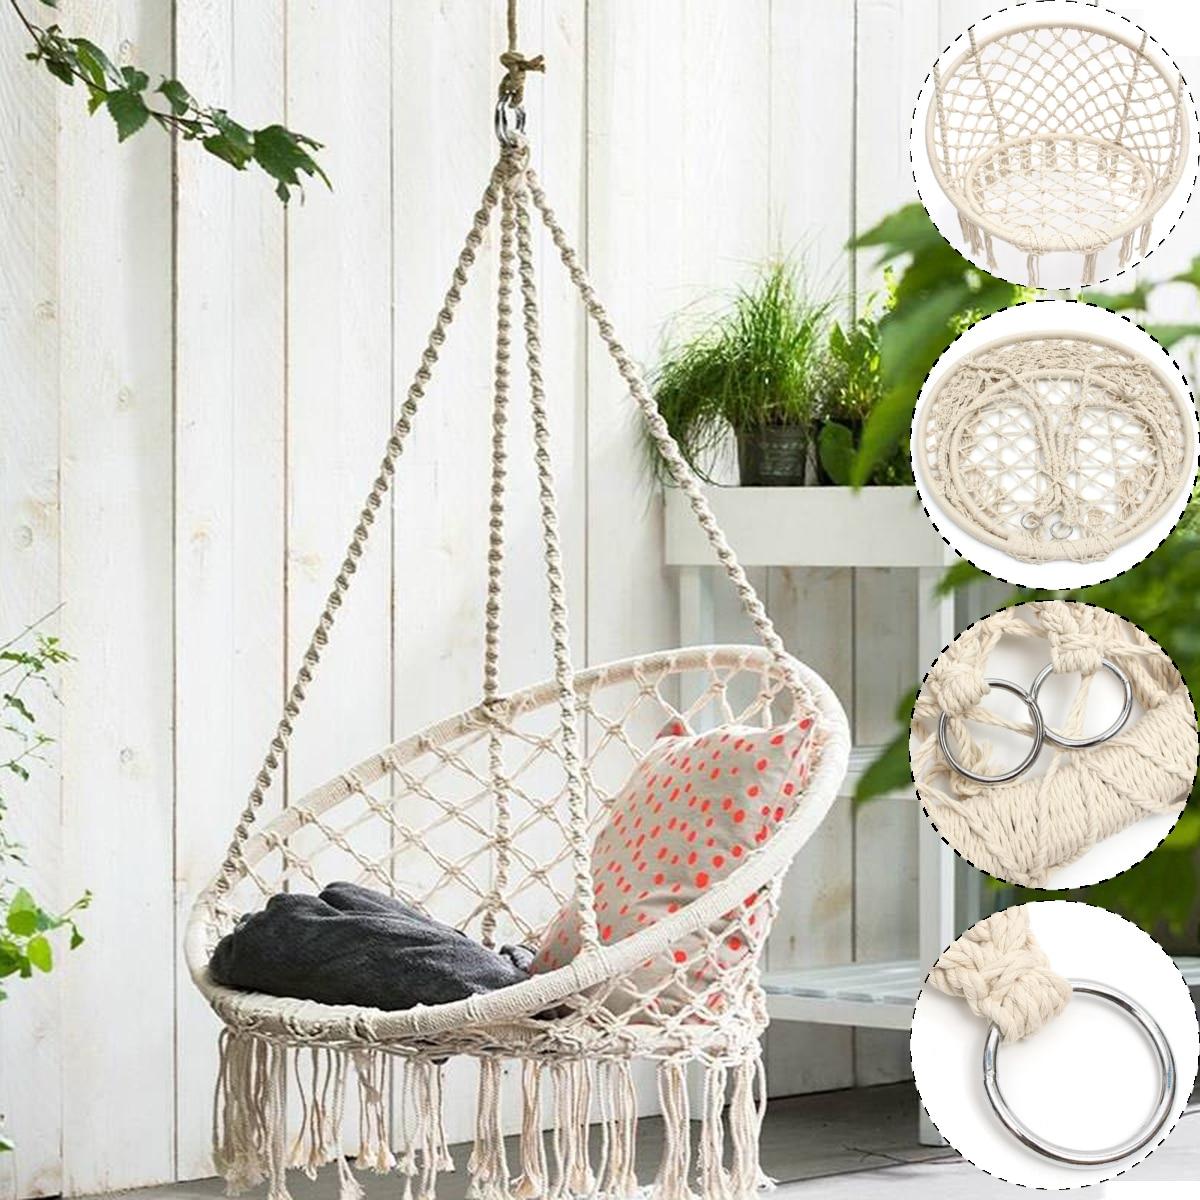 Nordic Baumwolle Seil Hängematte Stuhl Handgemachte Gestrickte Indoor Outdoor Kinder Schaukel Bett Erwachsene Schwingen Hängen Stuhl Hängematte